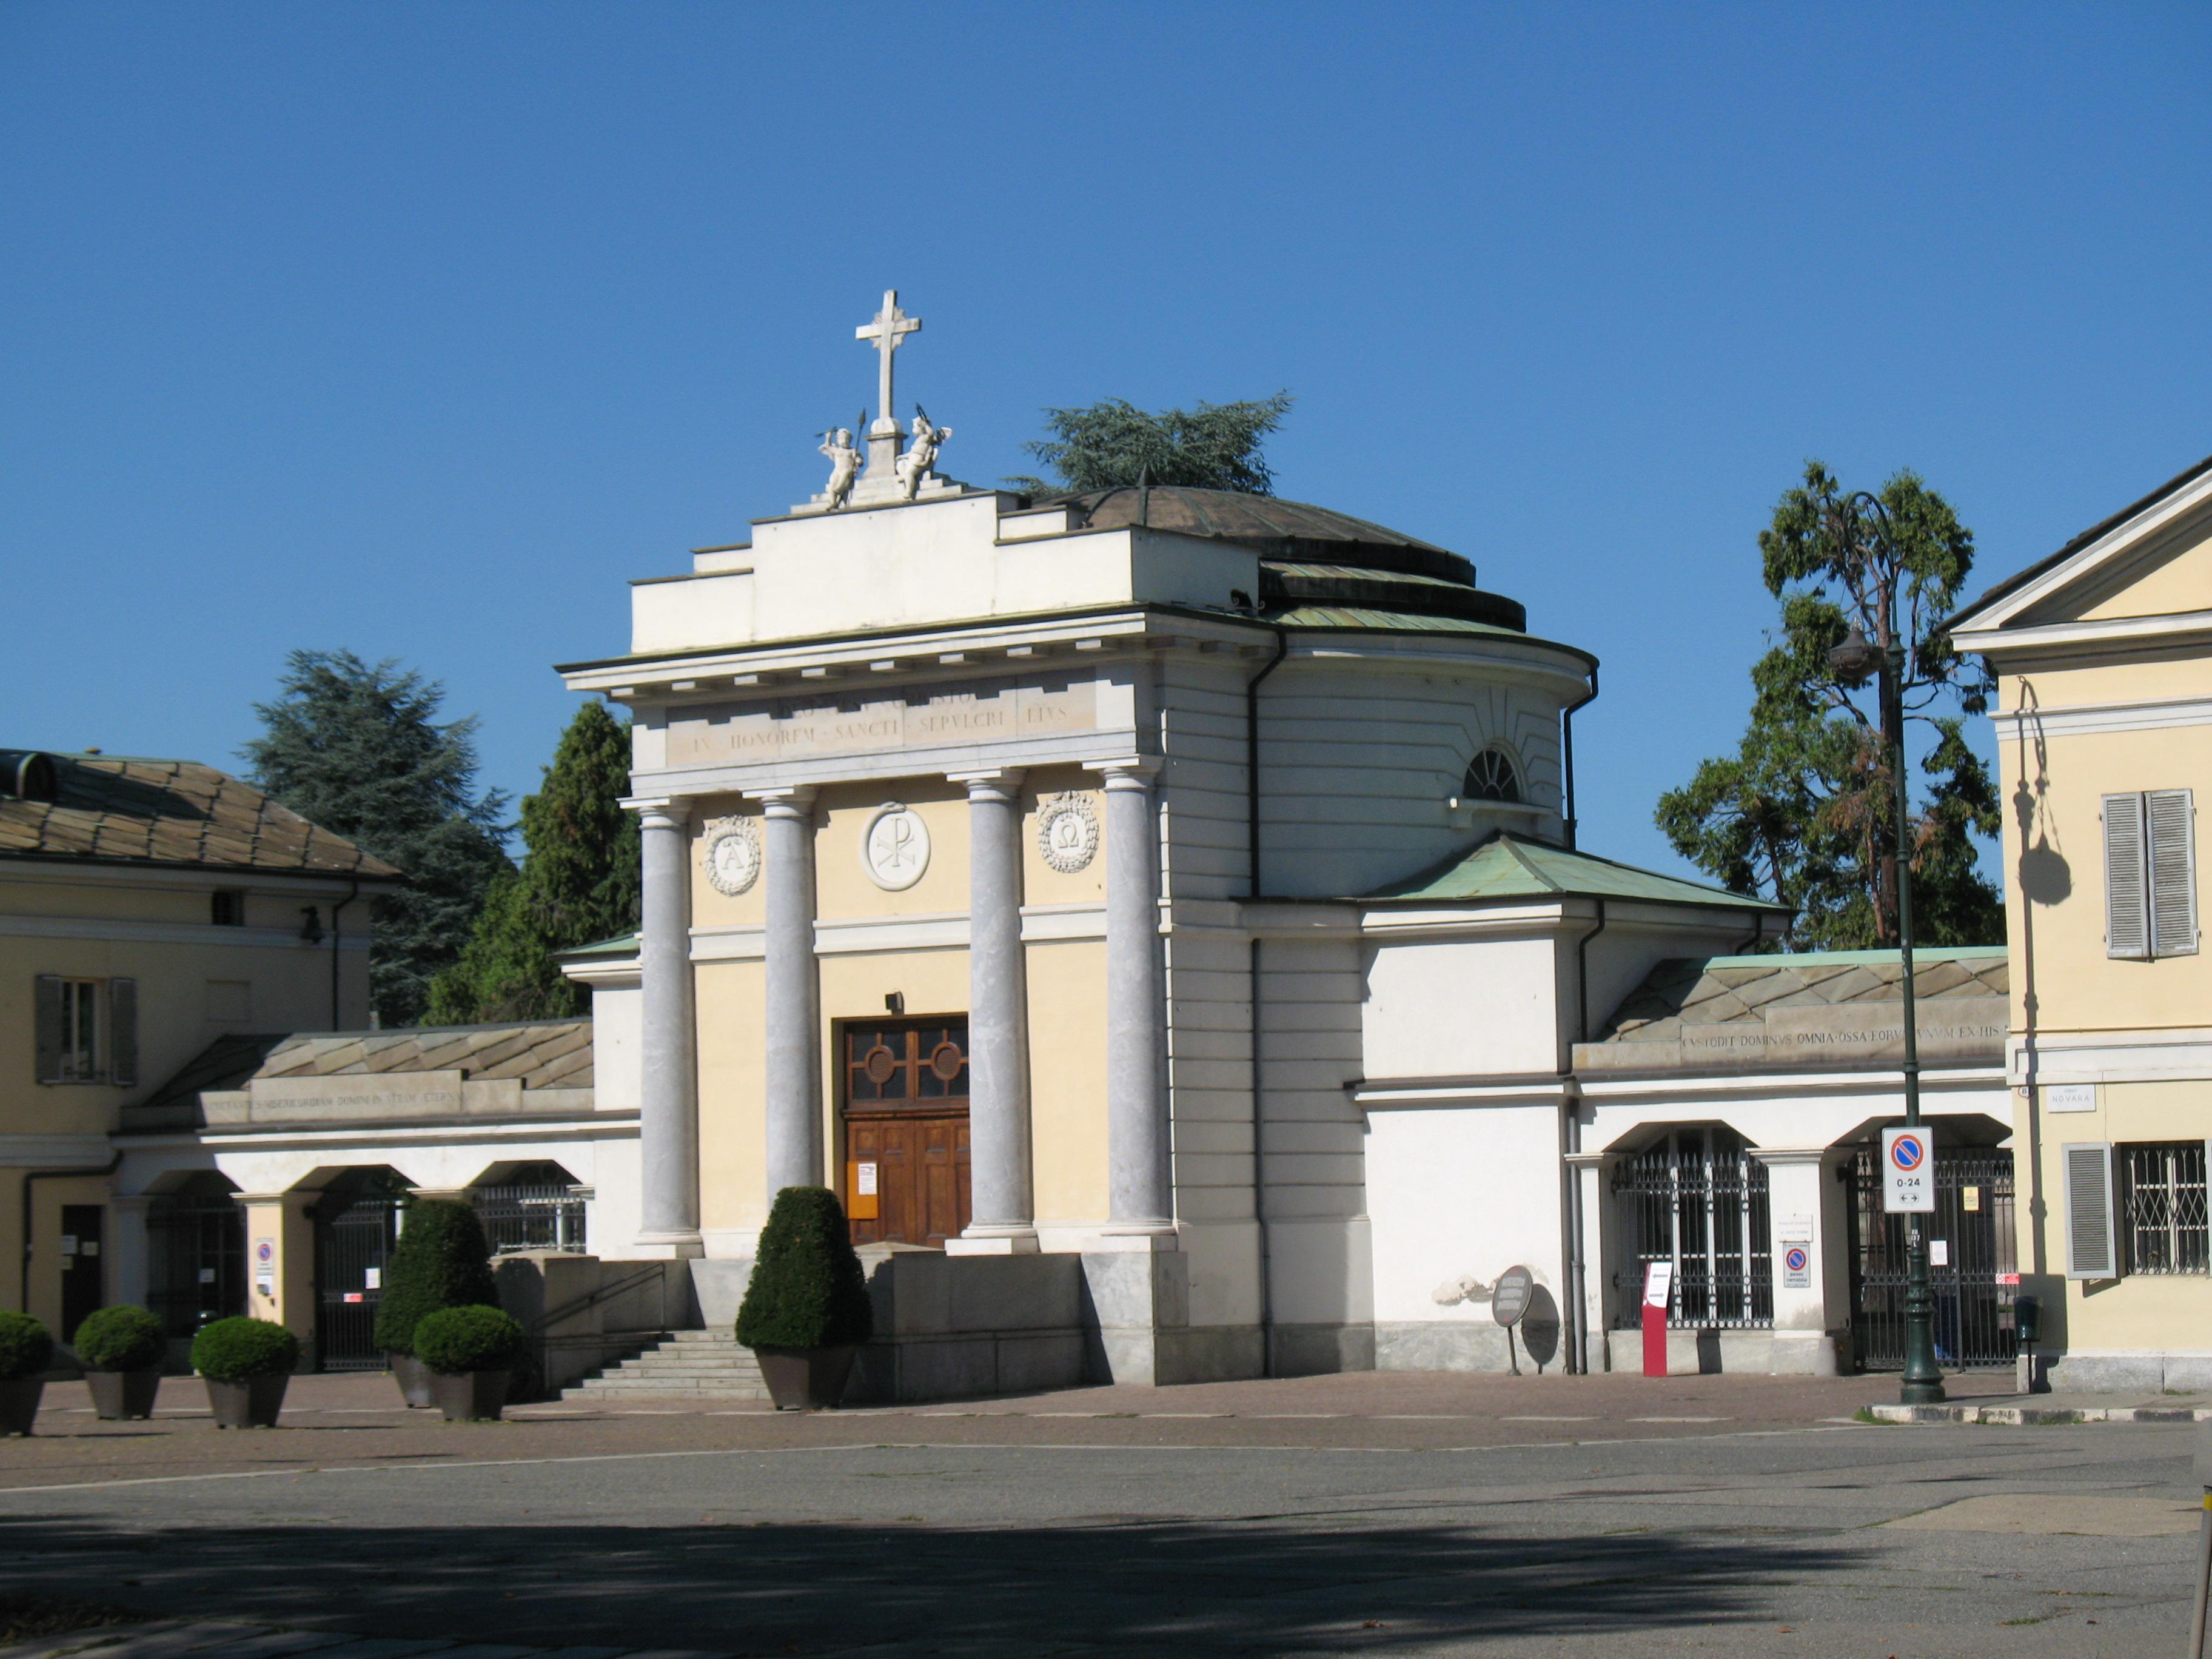 Cimitero_monumentale_di_Torino